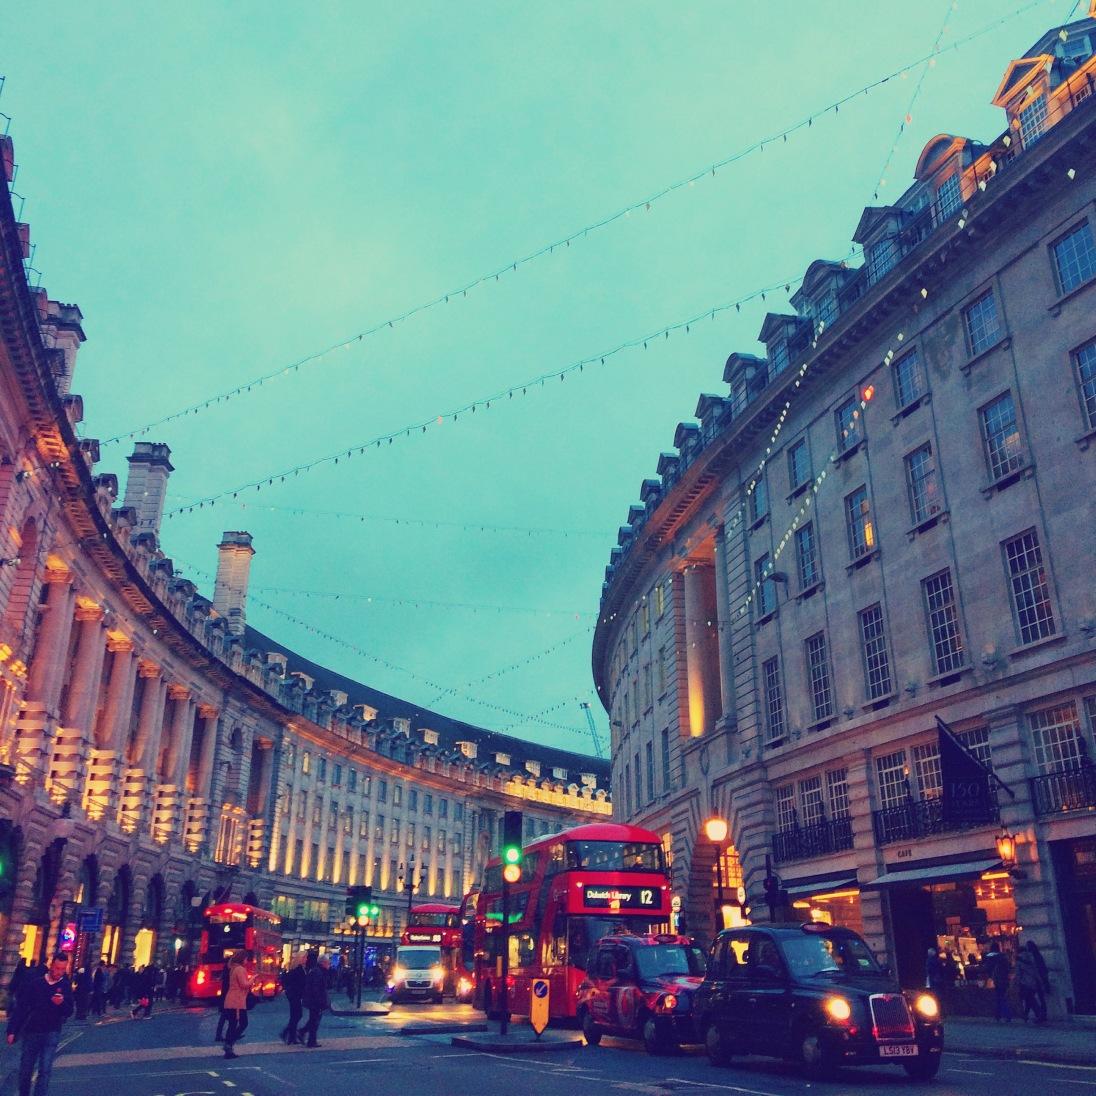 Regent Street in the evening